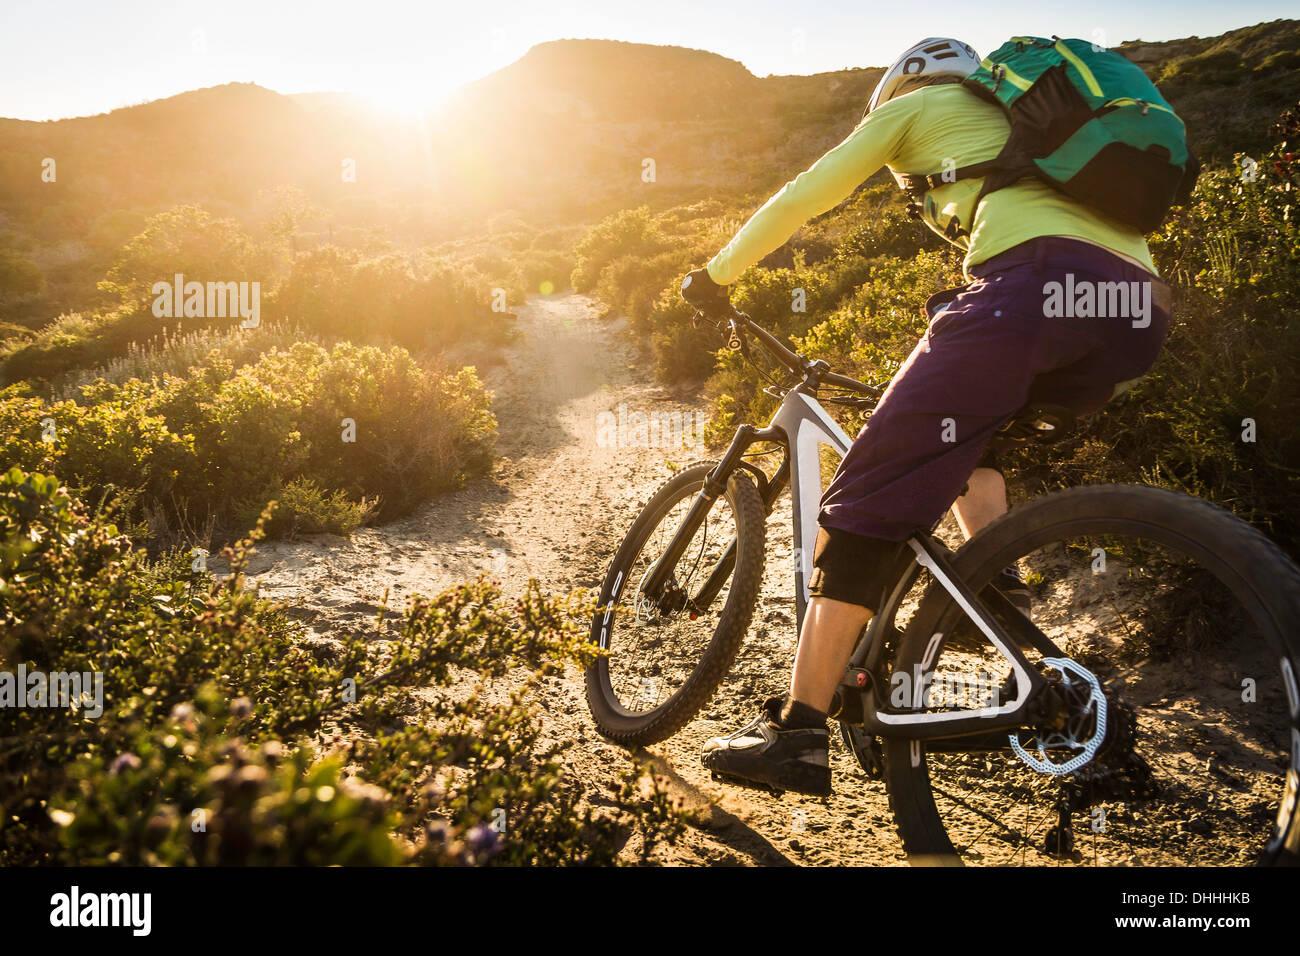 Giovane donna mountain bike su sterrato, Monterey, California, Stati Uniti d'America Immagini Stock